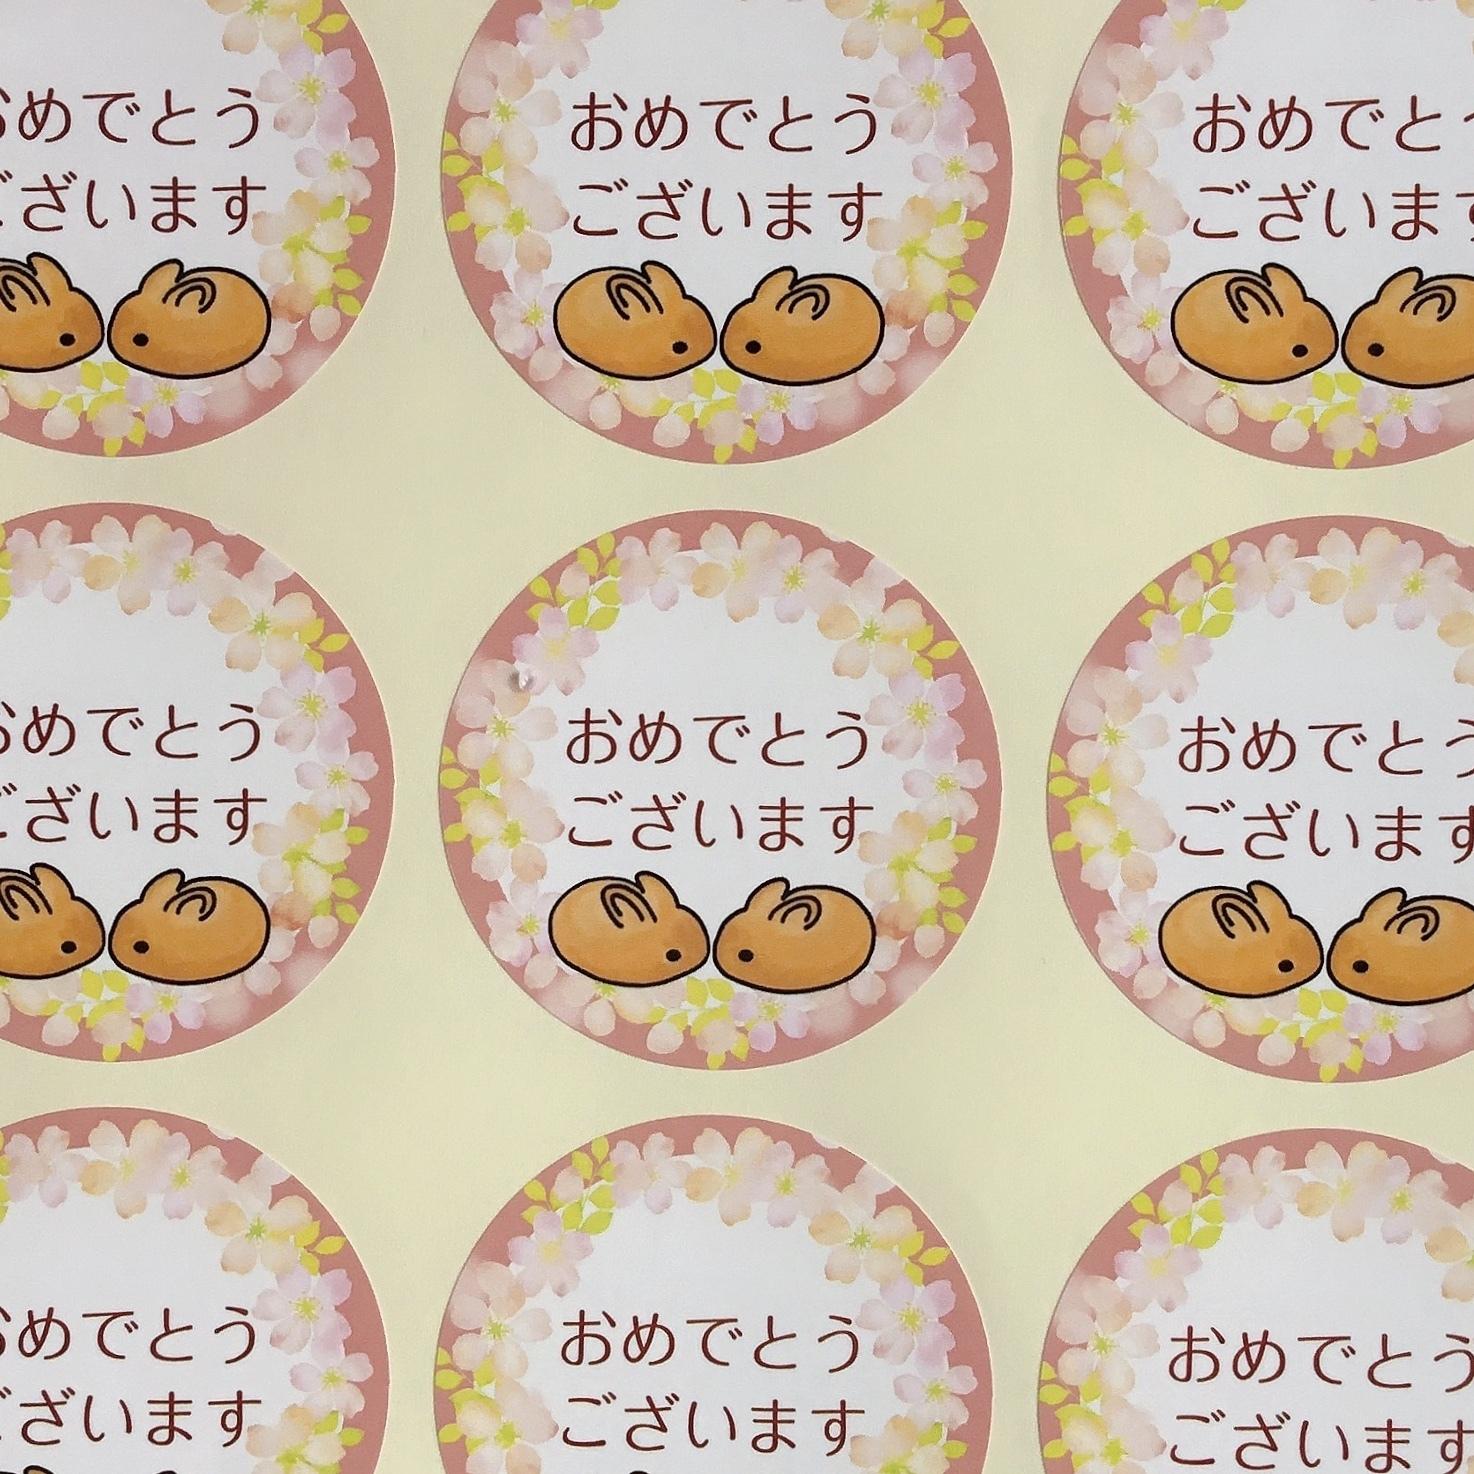 沖縄シークヮーサー焼きうさぎ3羽セット(焼き菓子/フィナンシェ/お菓子ギフト)